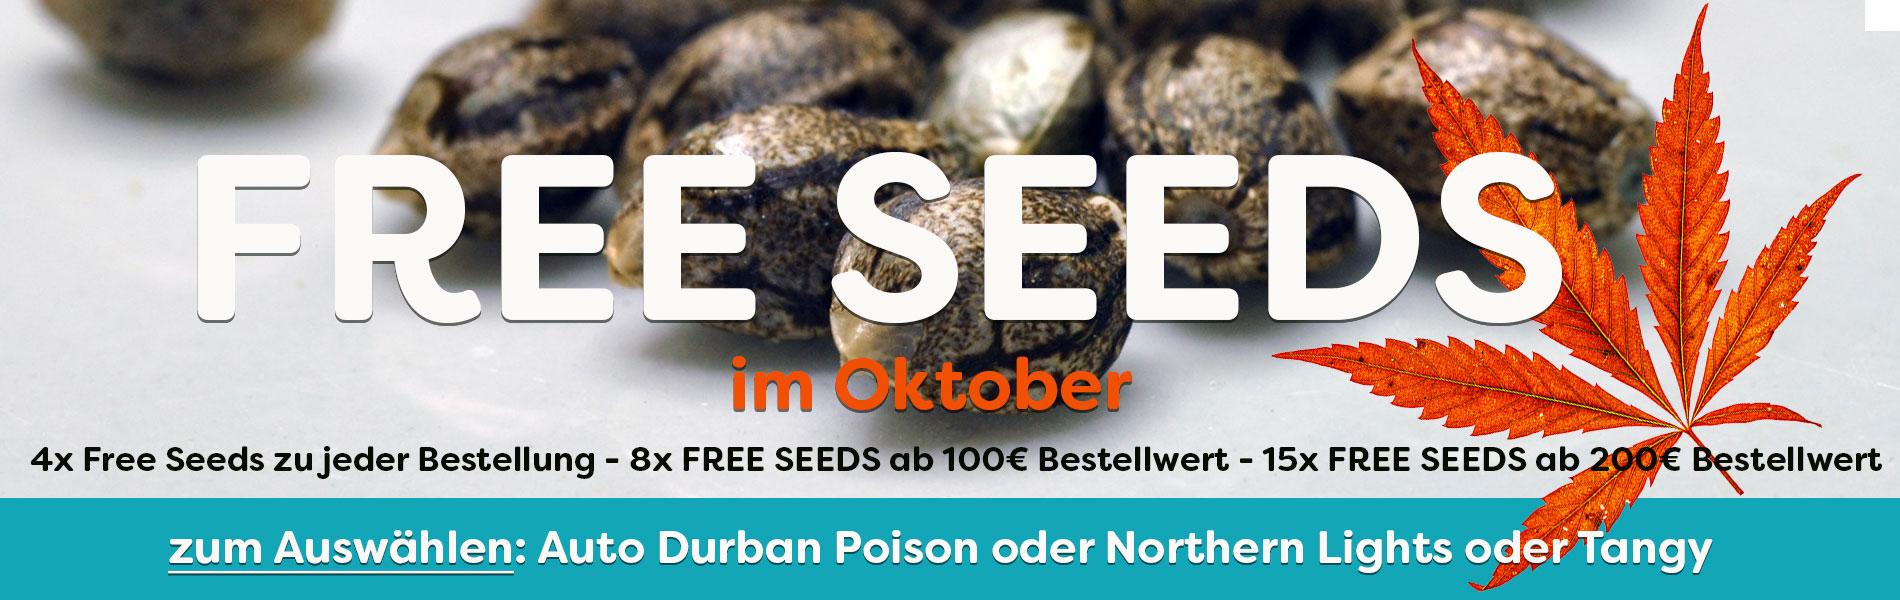 Gratis Cannabis Seeds im Oktober, Free Seeds zu jeder Bestellung